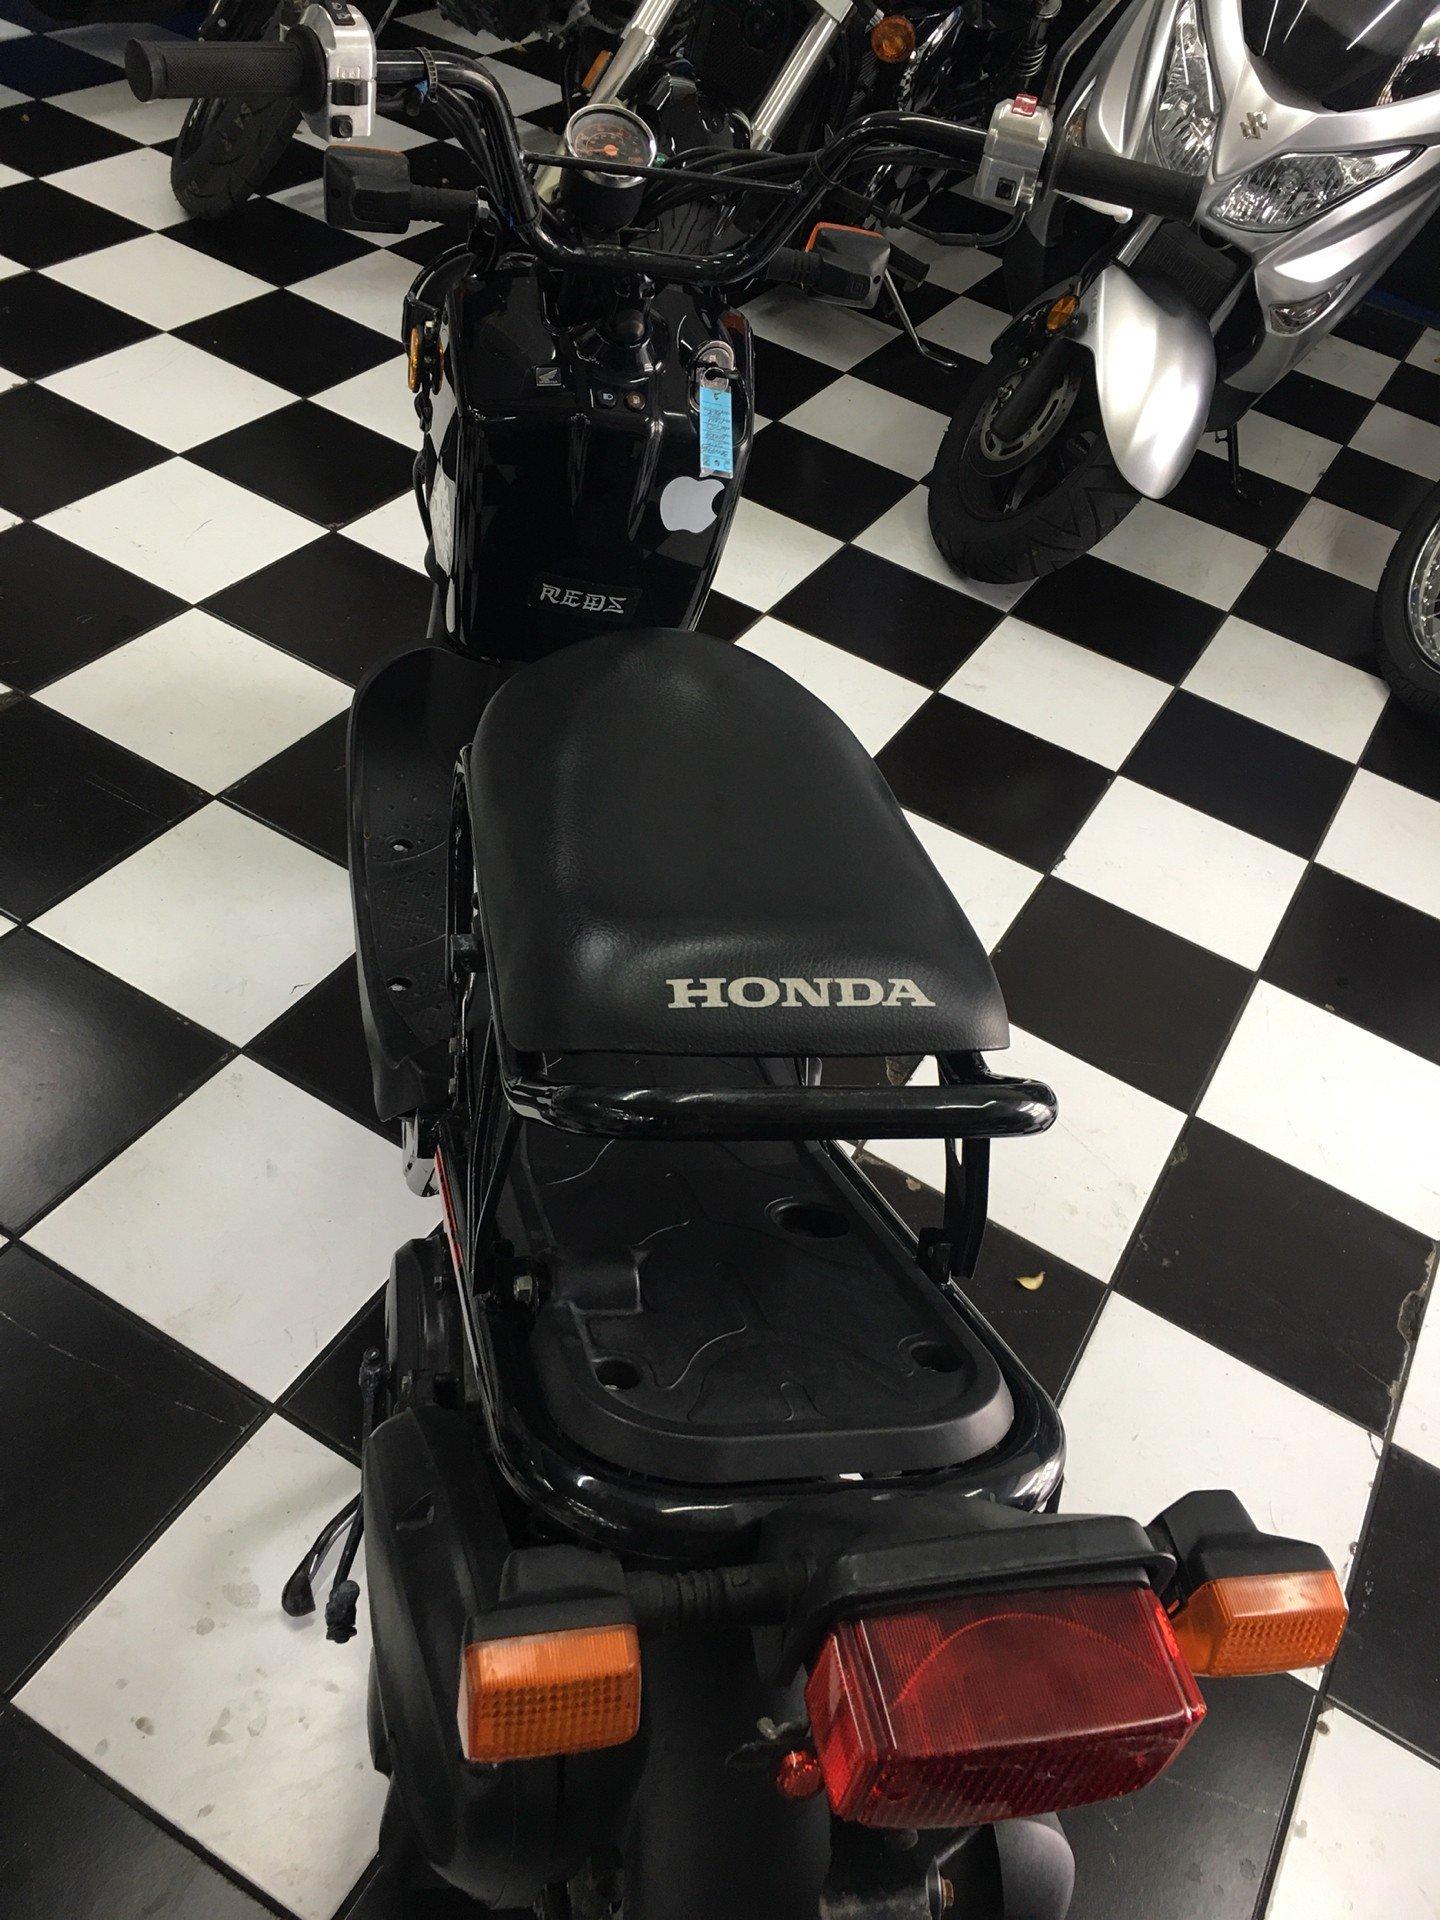 2015 Honda Ruckus® in Hialeah, Florida